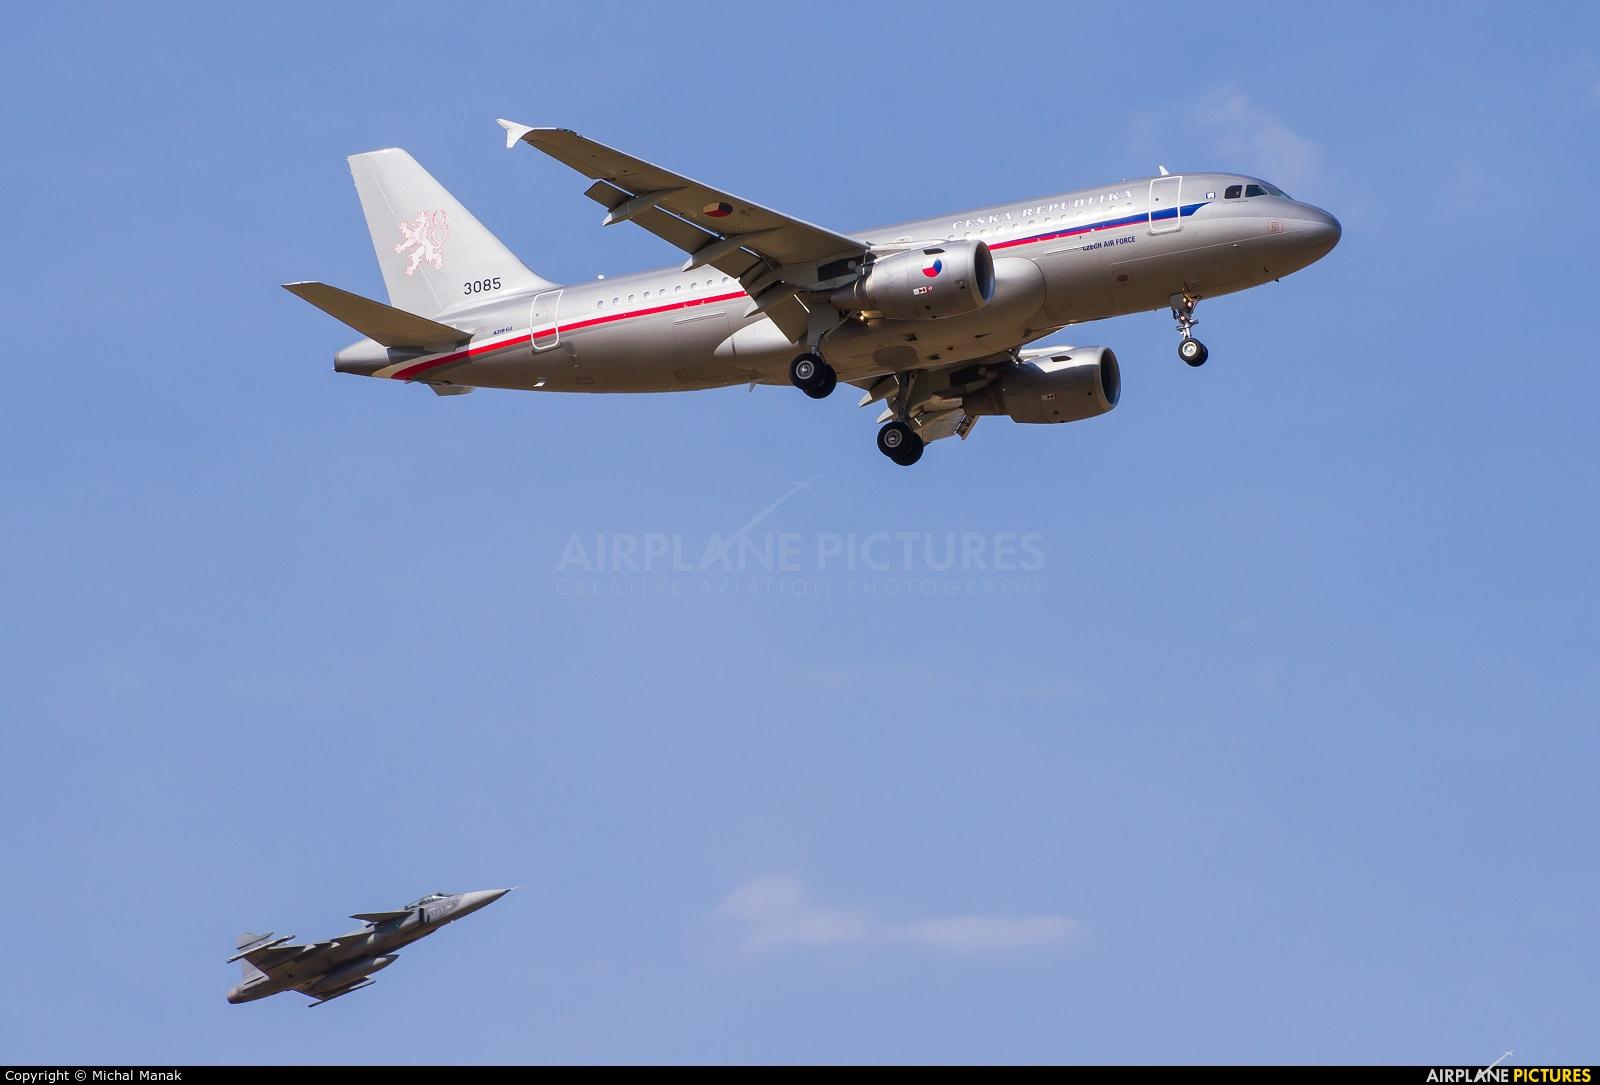 Czech - Air Force 3085 aircraft at Prague - Václav Havel